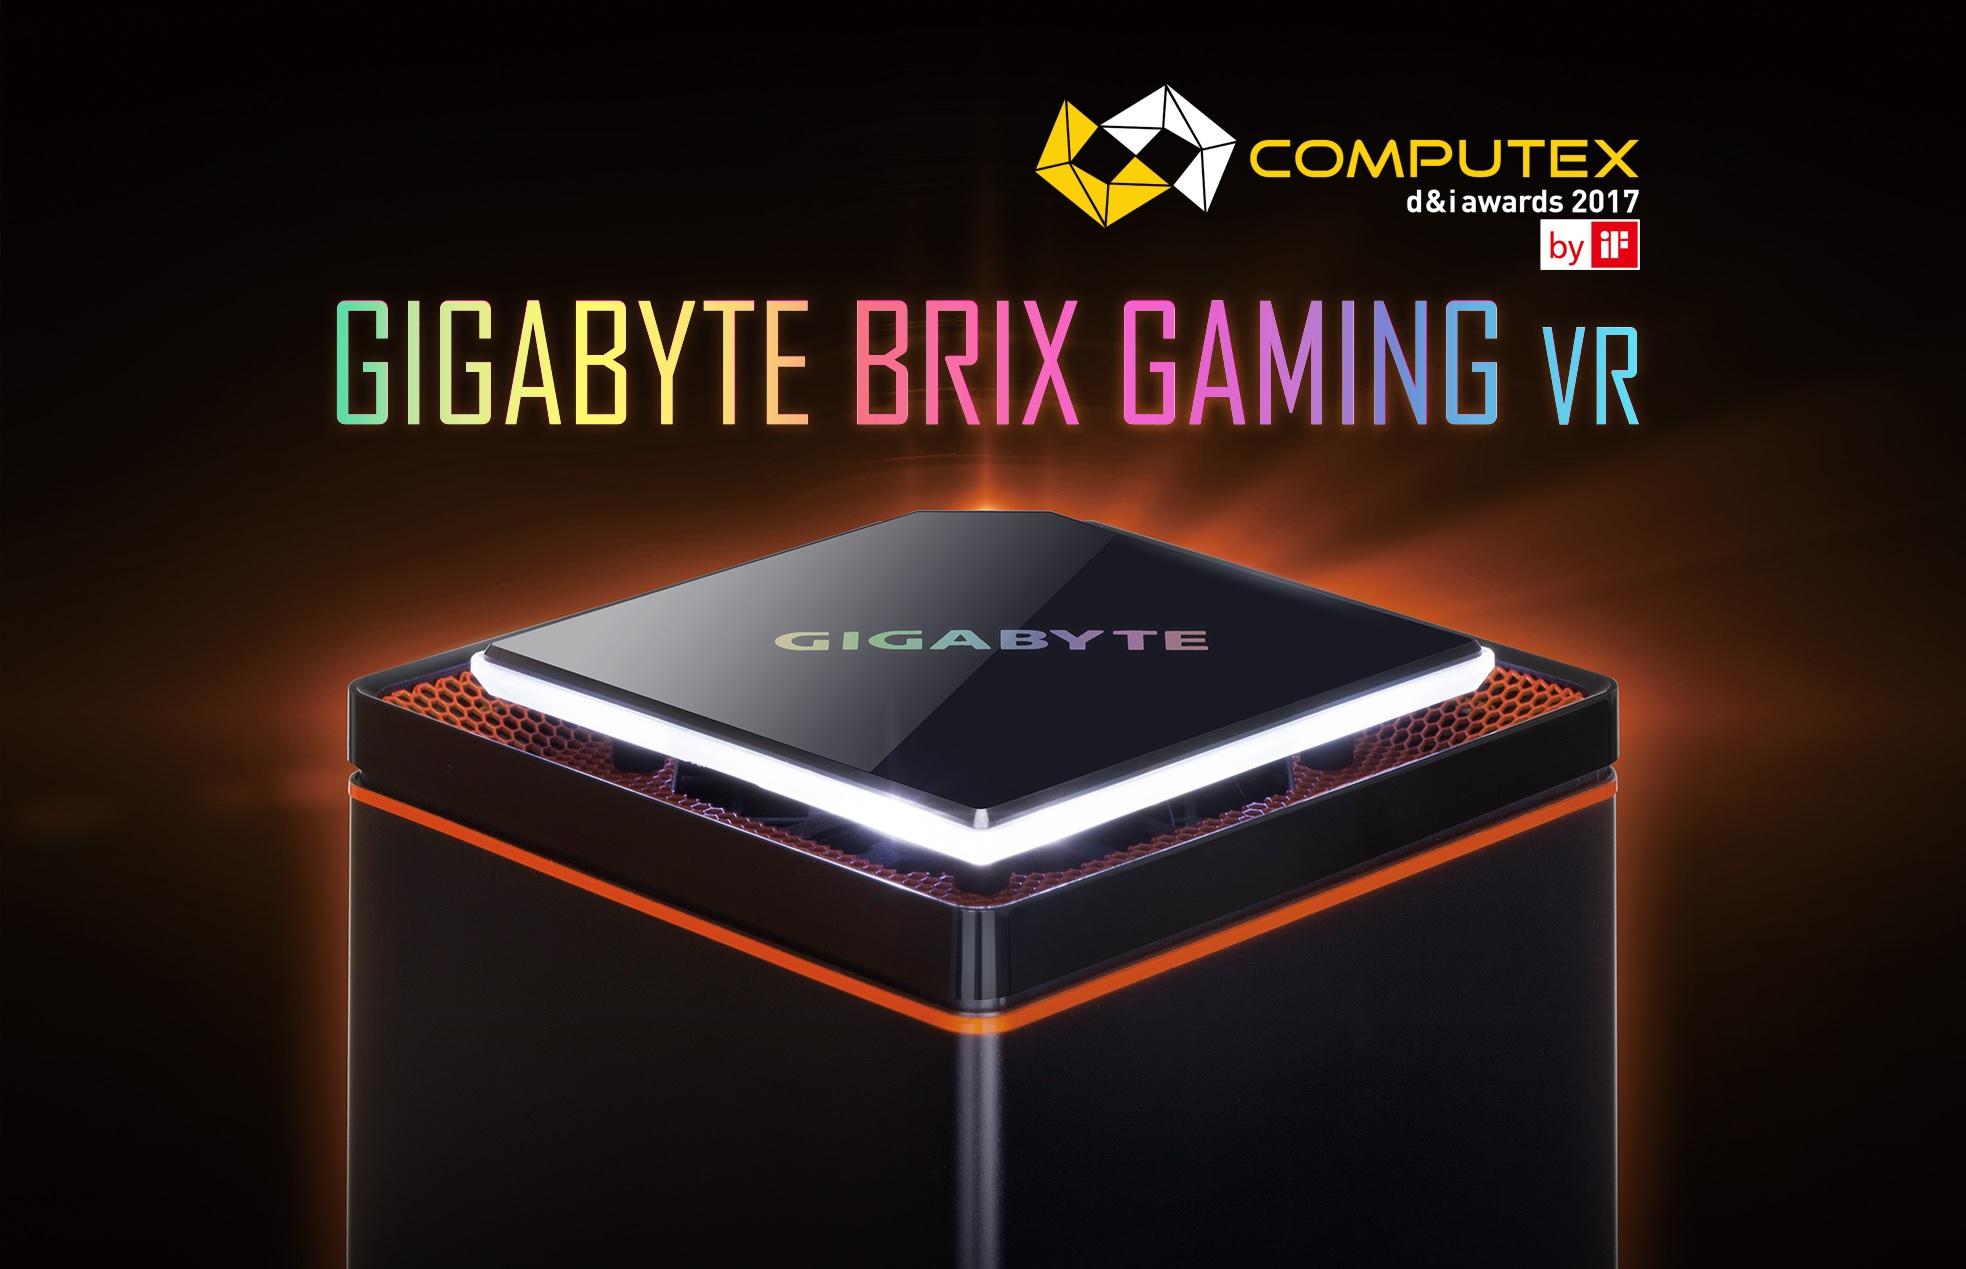 技嘉BRIX GAMING VR榮獲COMPUTEX d&i awards 2017肯定,於全球255個參展產品中脫穎而出,展現技嘉產品設計實力!